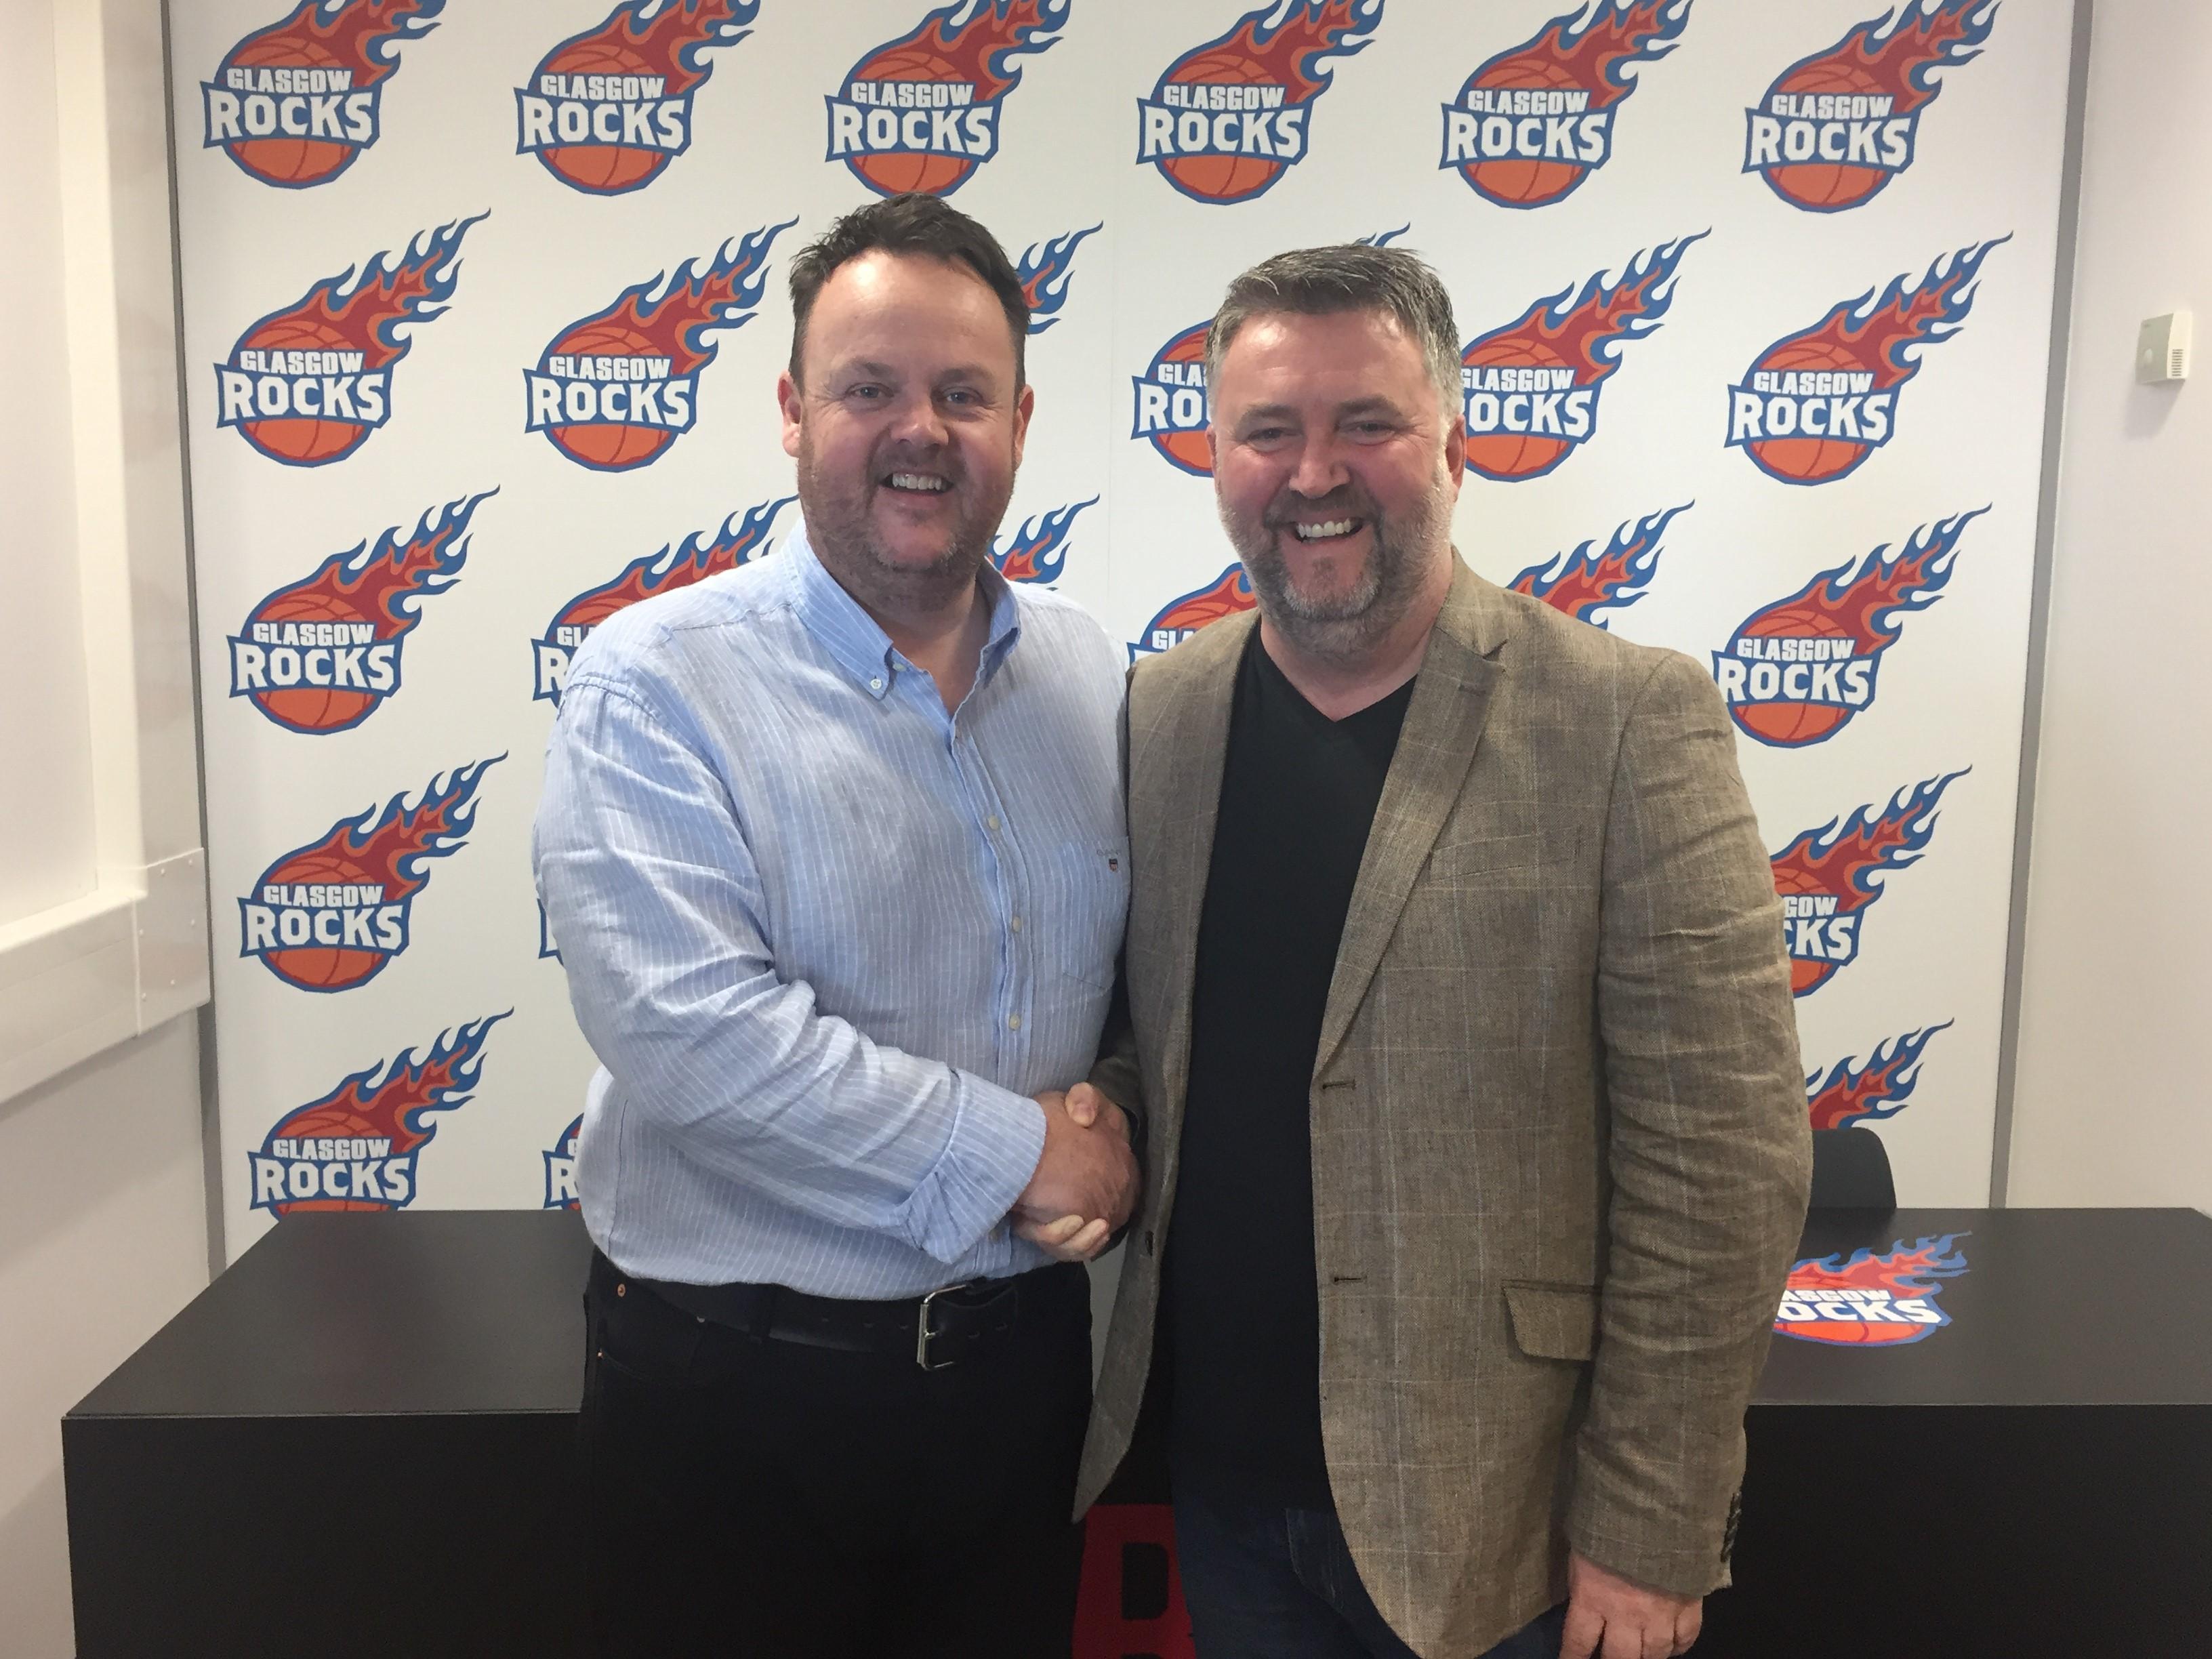 Glasgow rocks partnership handshake